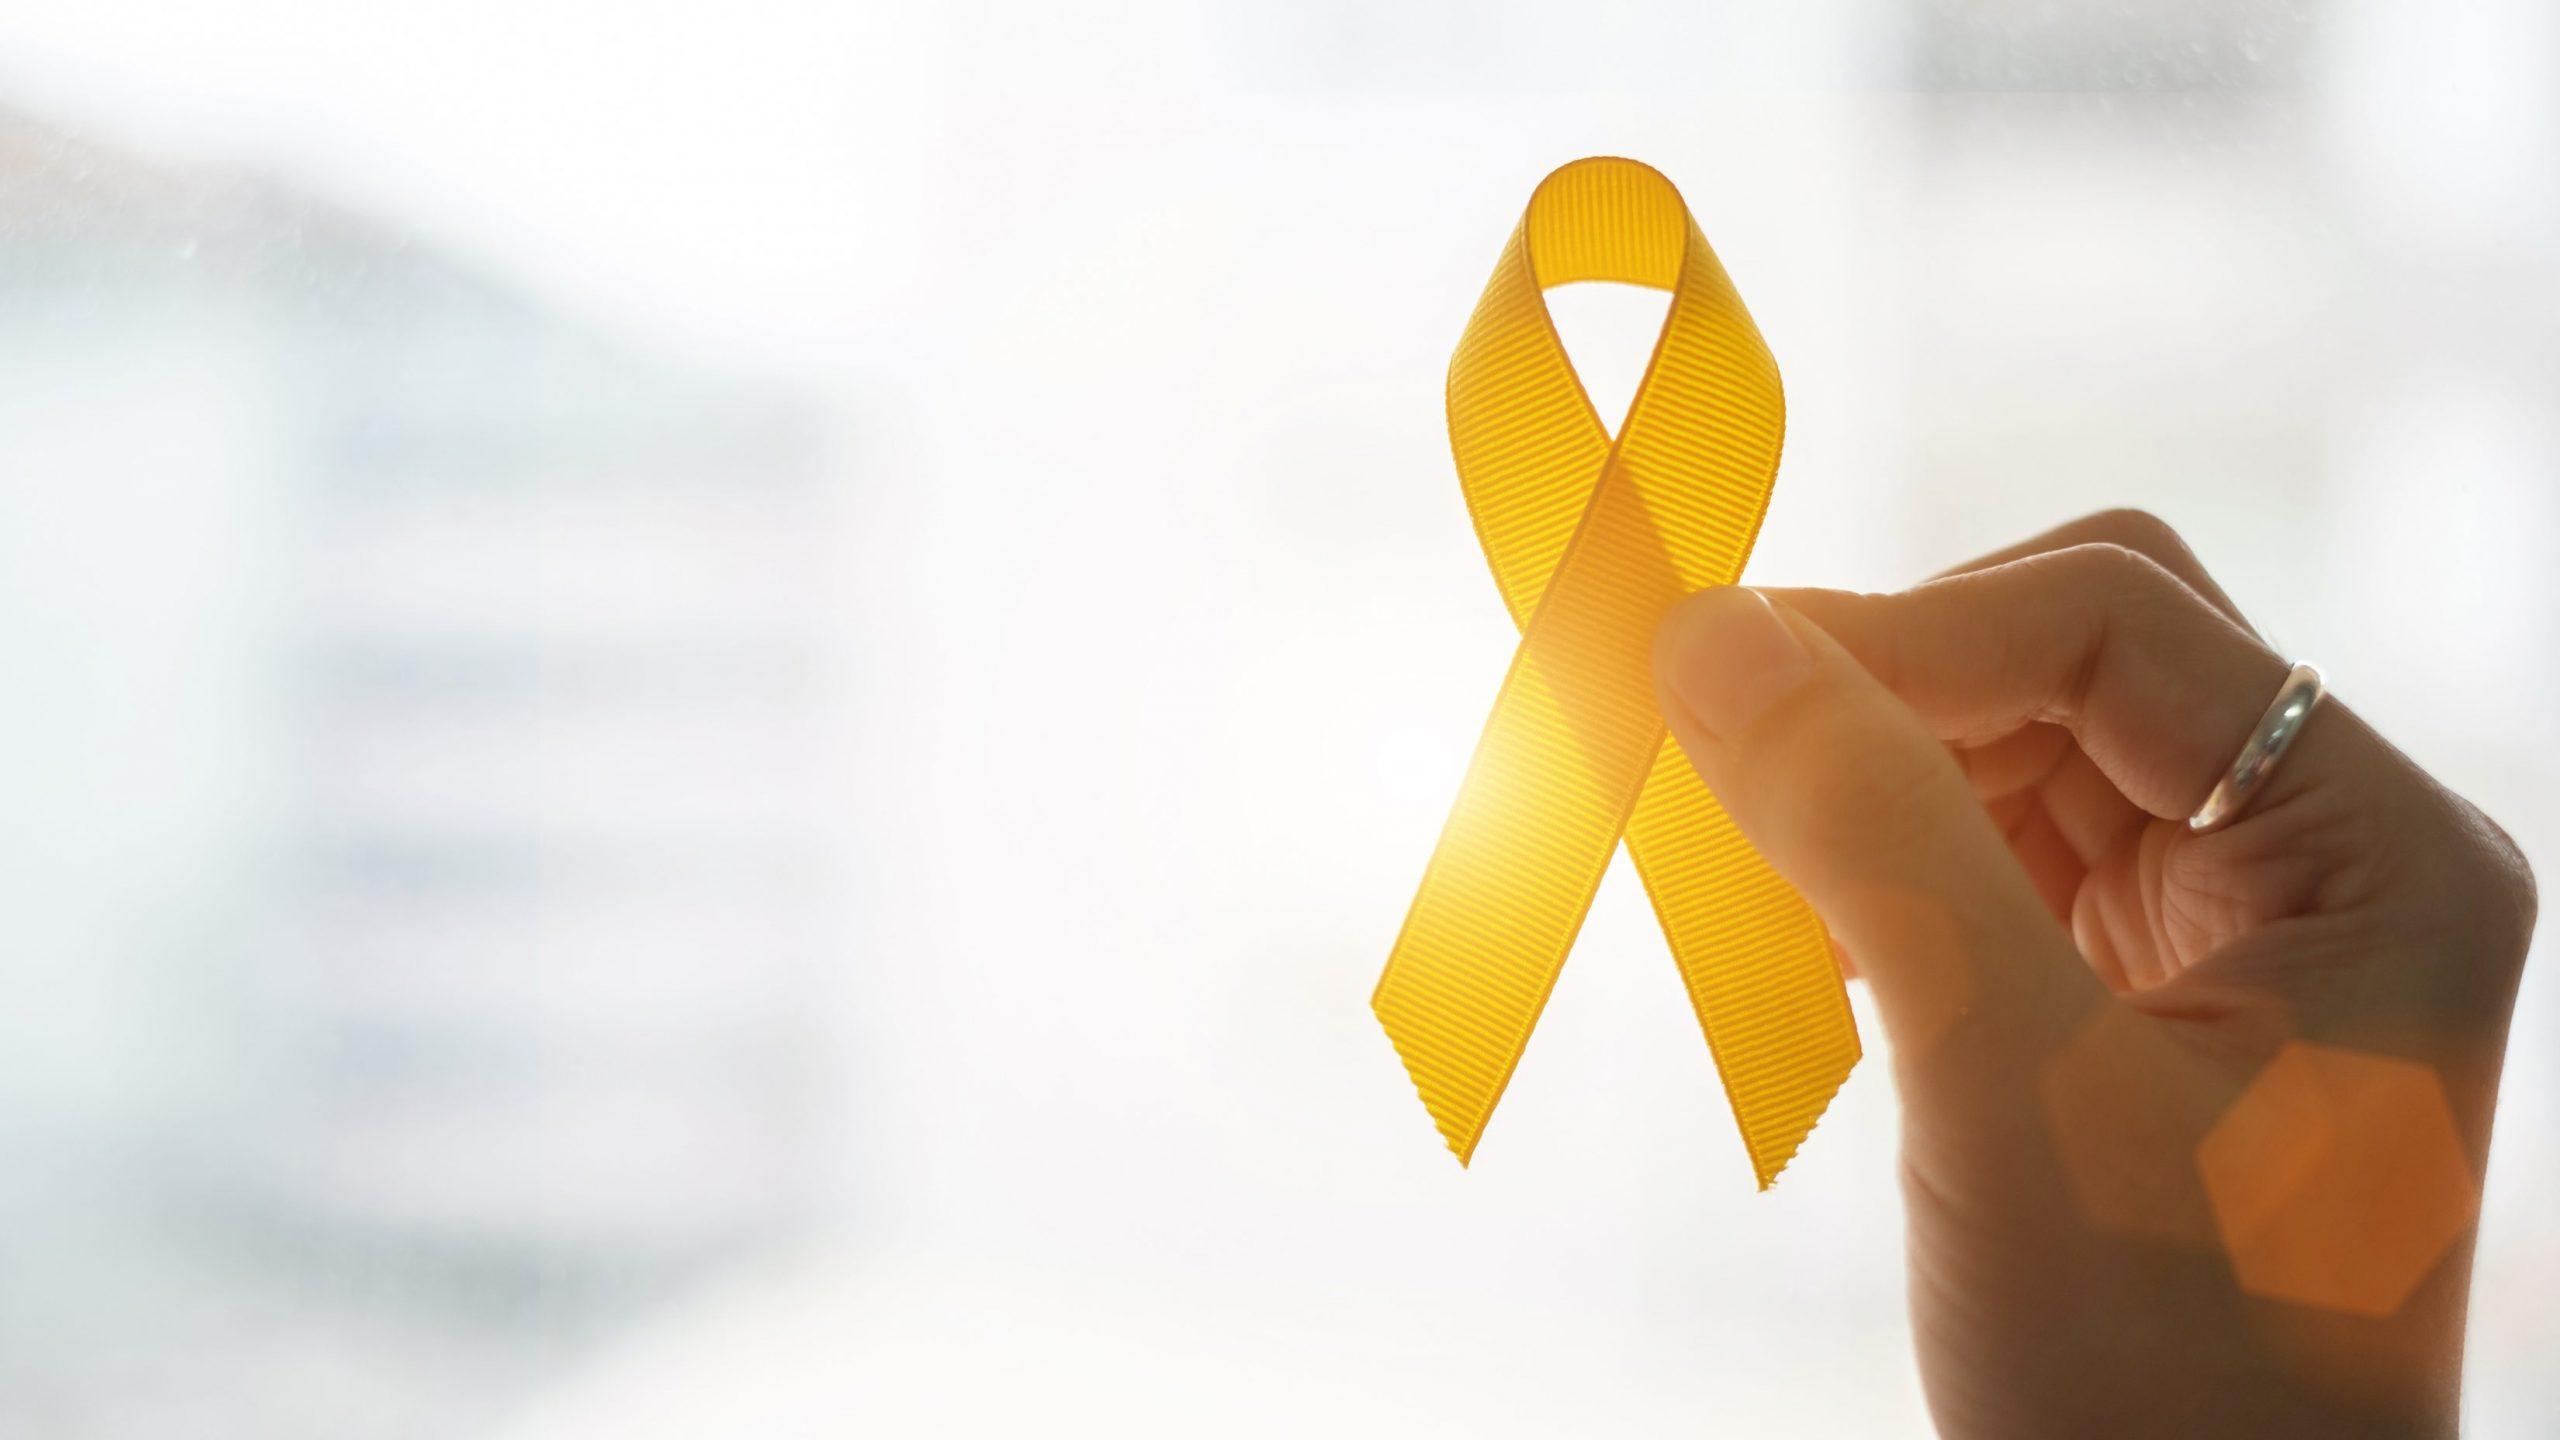 Claves para entender | Día Mundial para la Prevención del Suicidio: ¿cómo informar correctamente en medios?